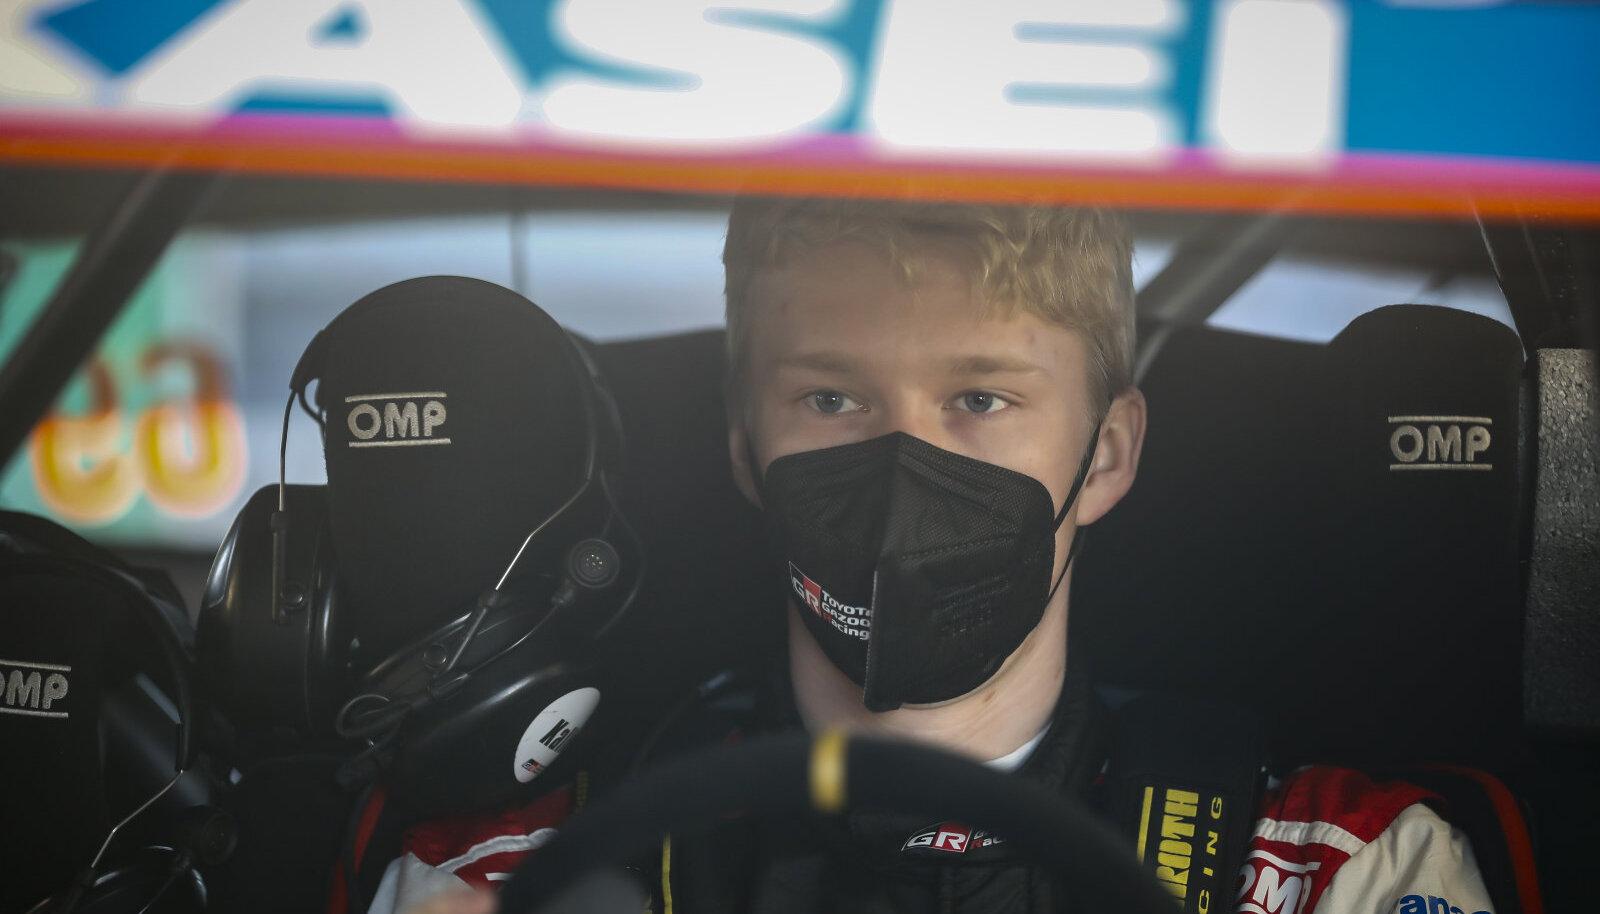 20-aastane Kalle Rovanperä ei kibele Toyotast lahkuma.